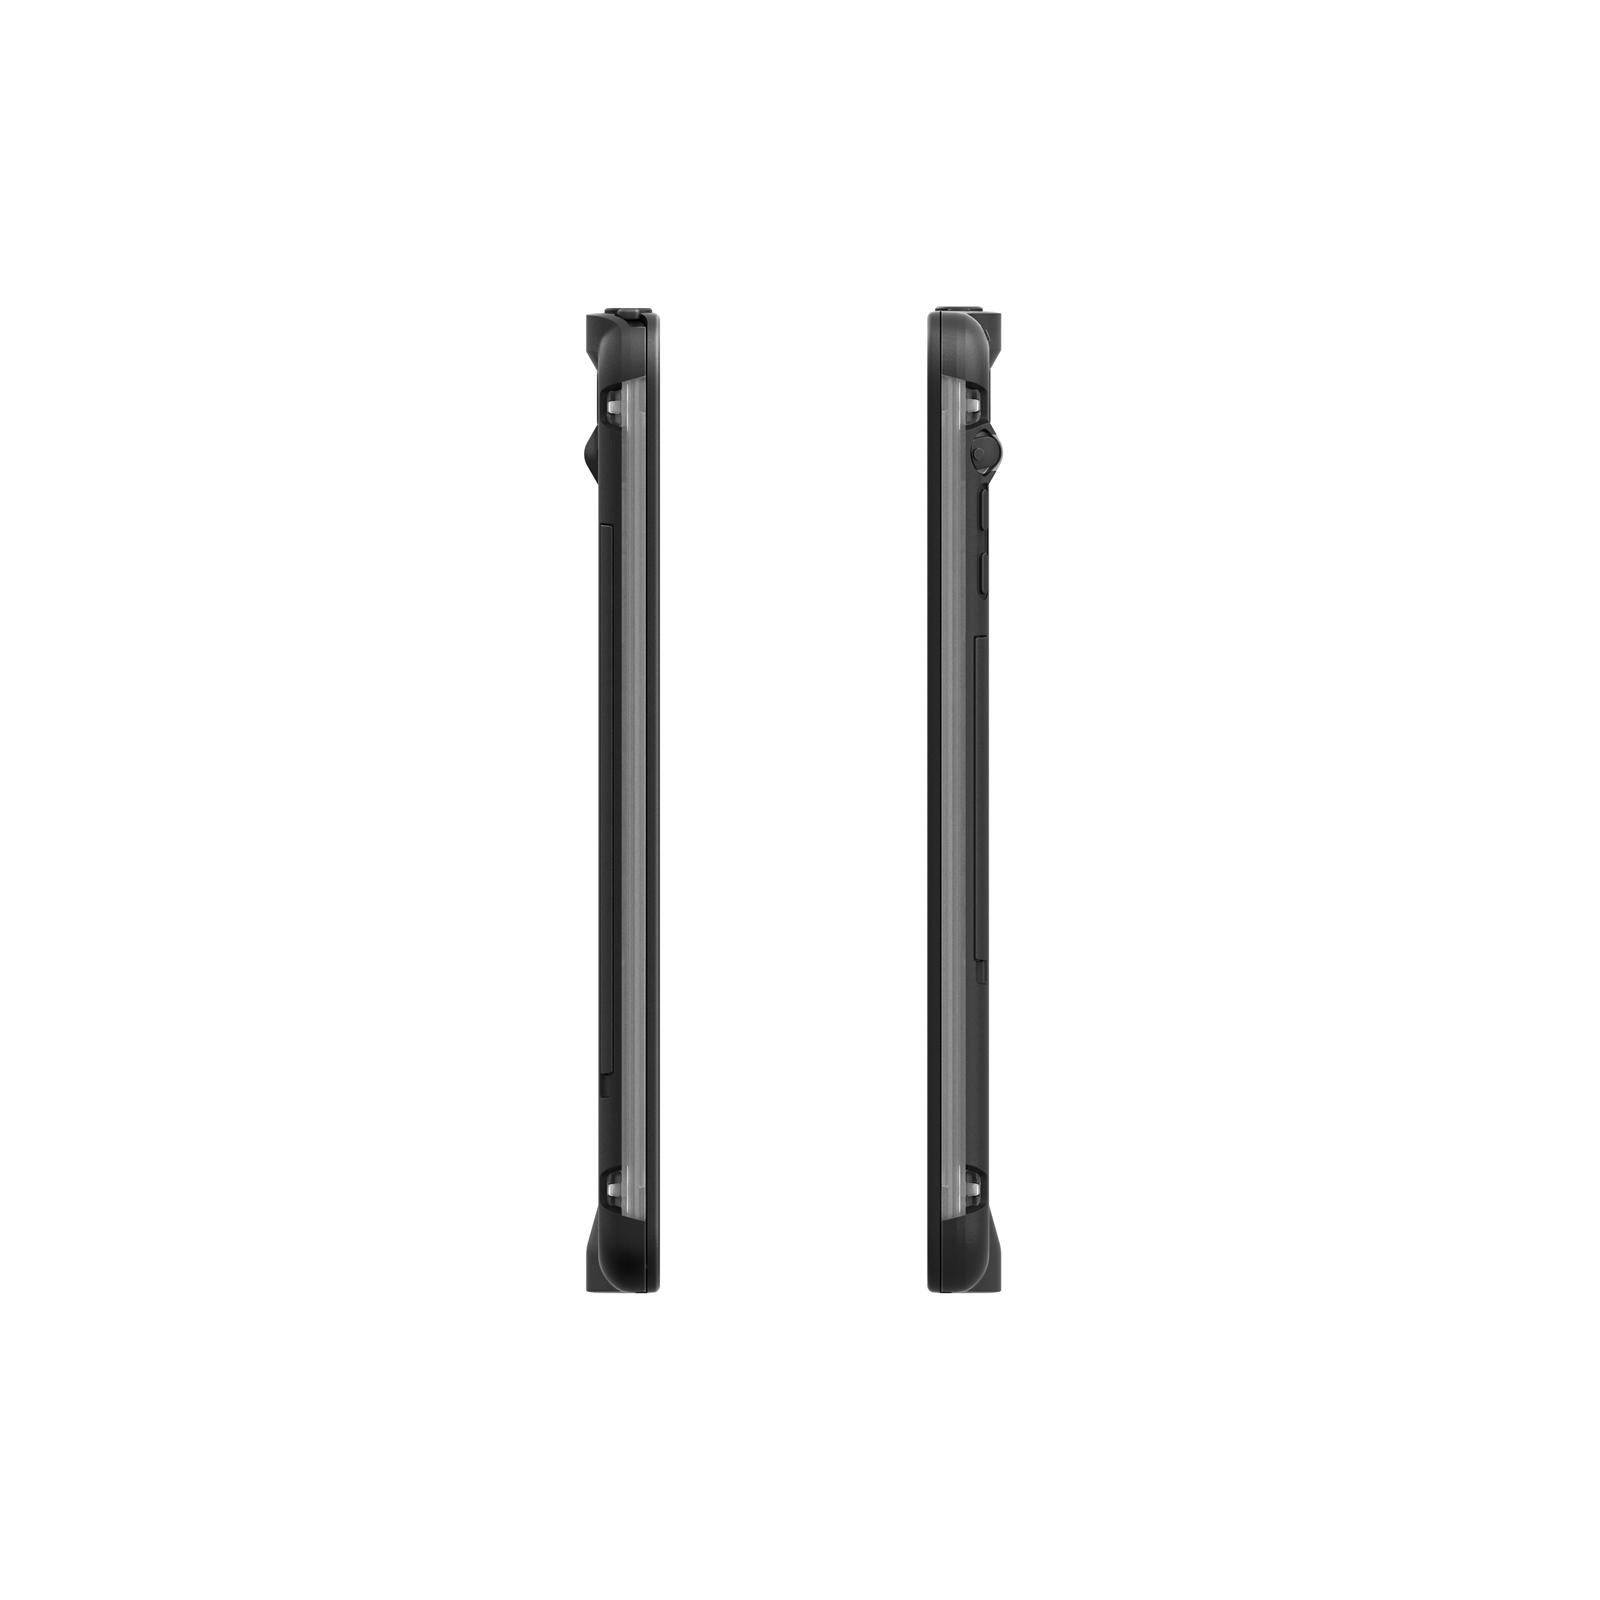 Чехол для планшета Belkin iPad mini LIFEPROOF Fre Black (1406-01) изображение 4